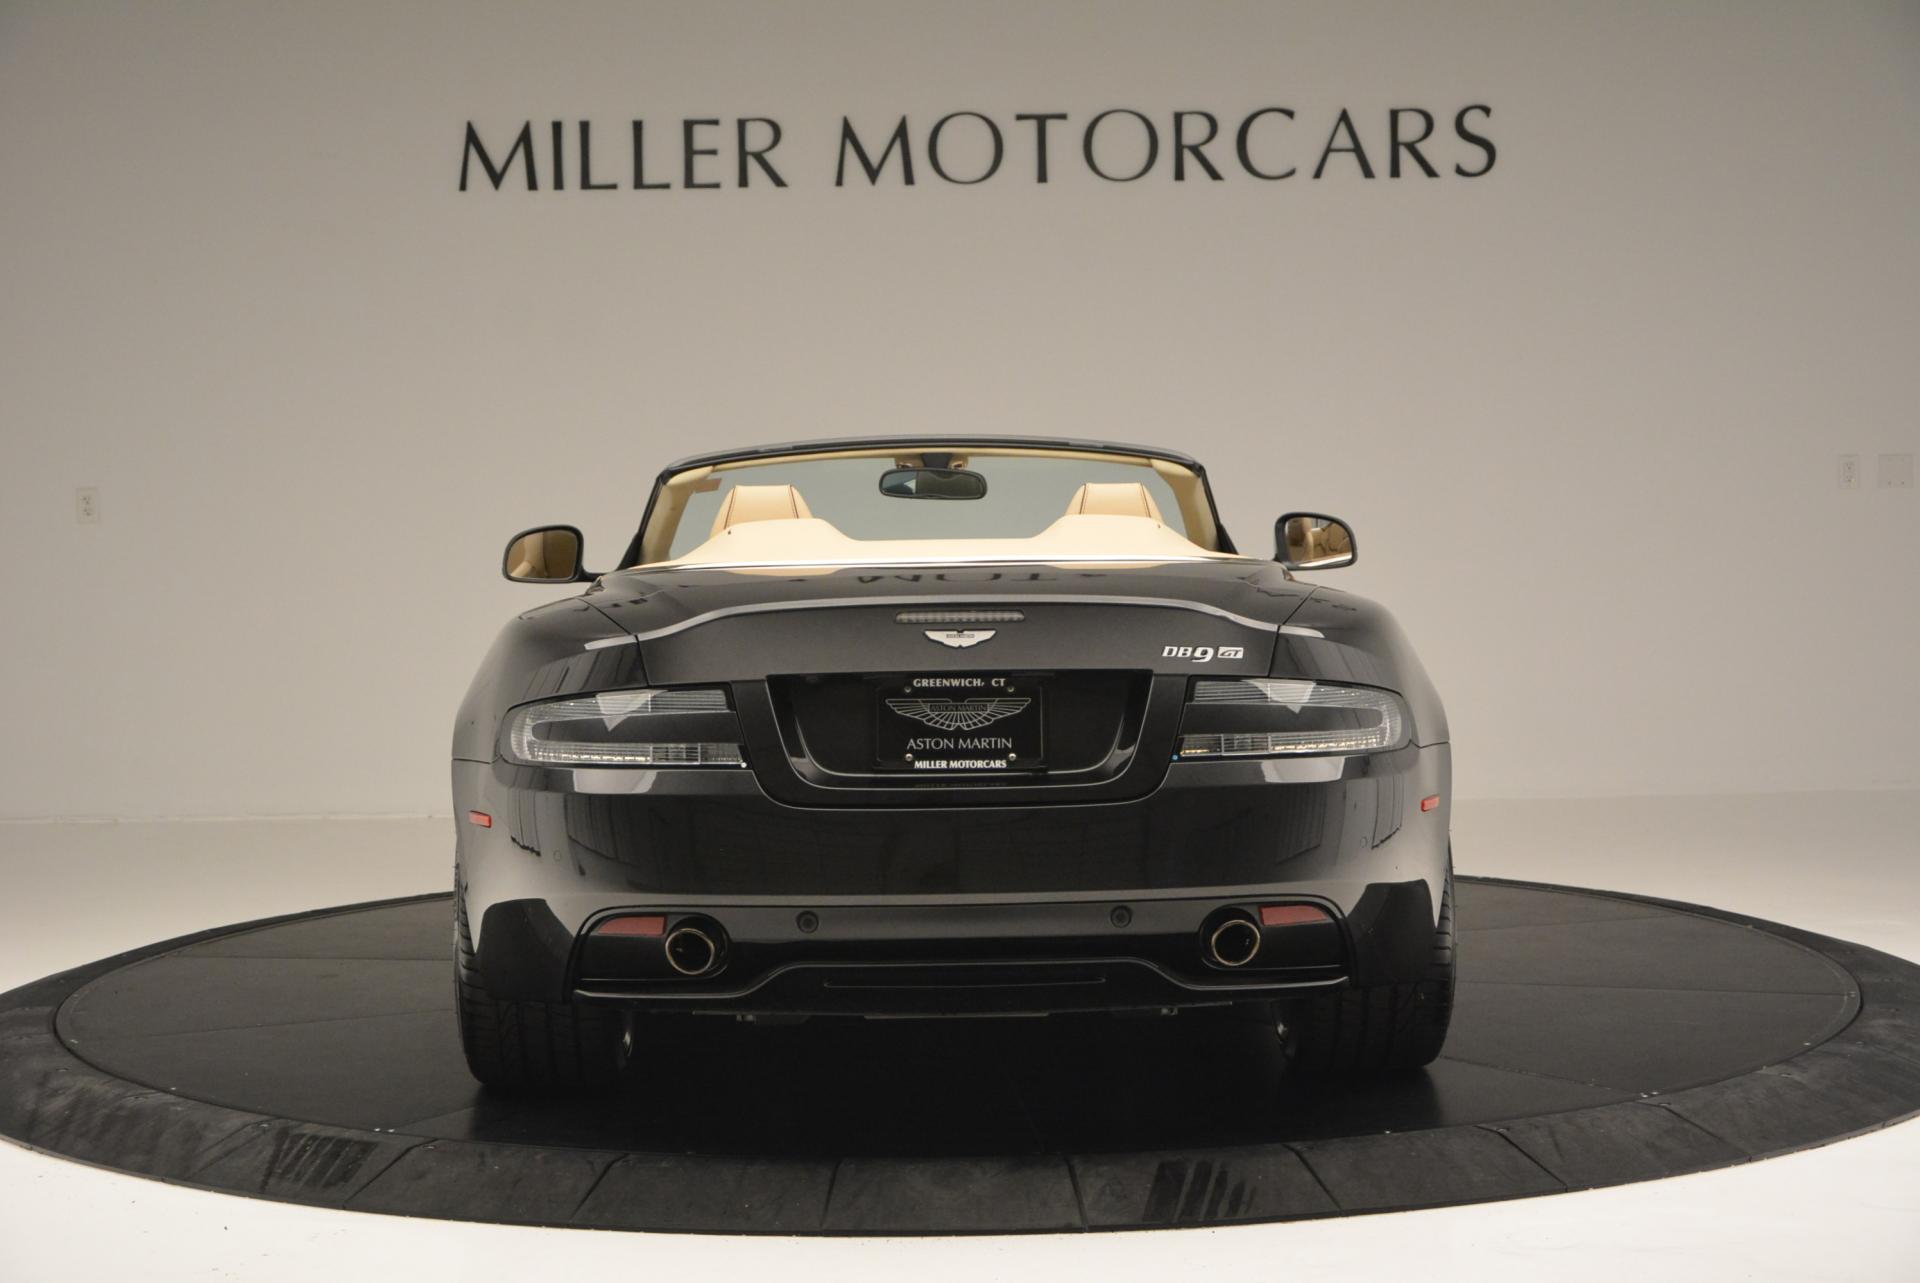 New 2016 Aston Martin DB9 GT Volante